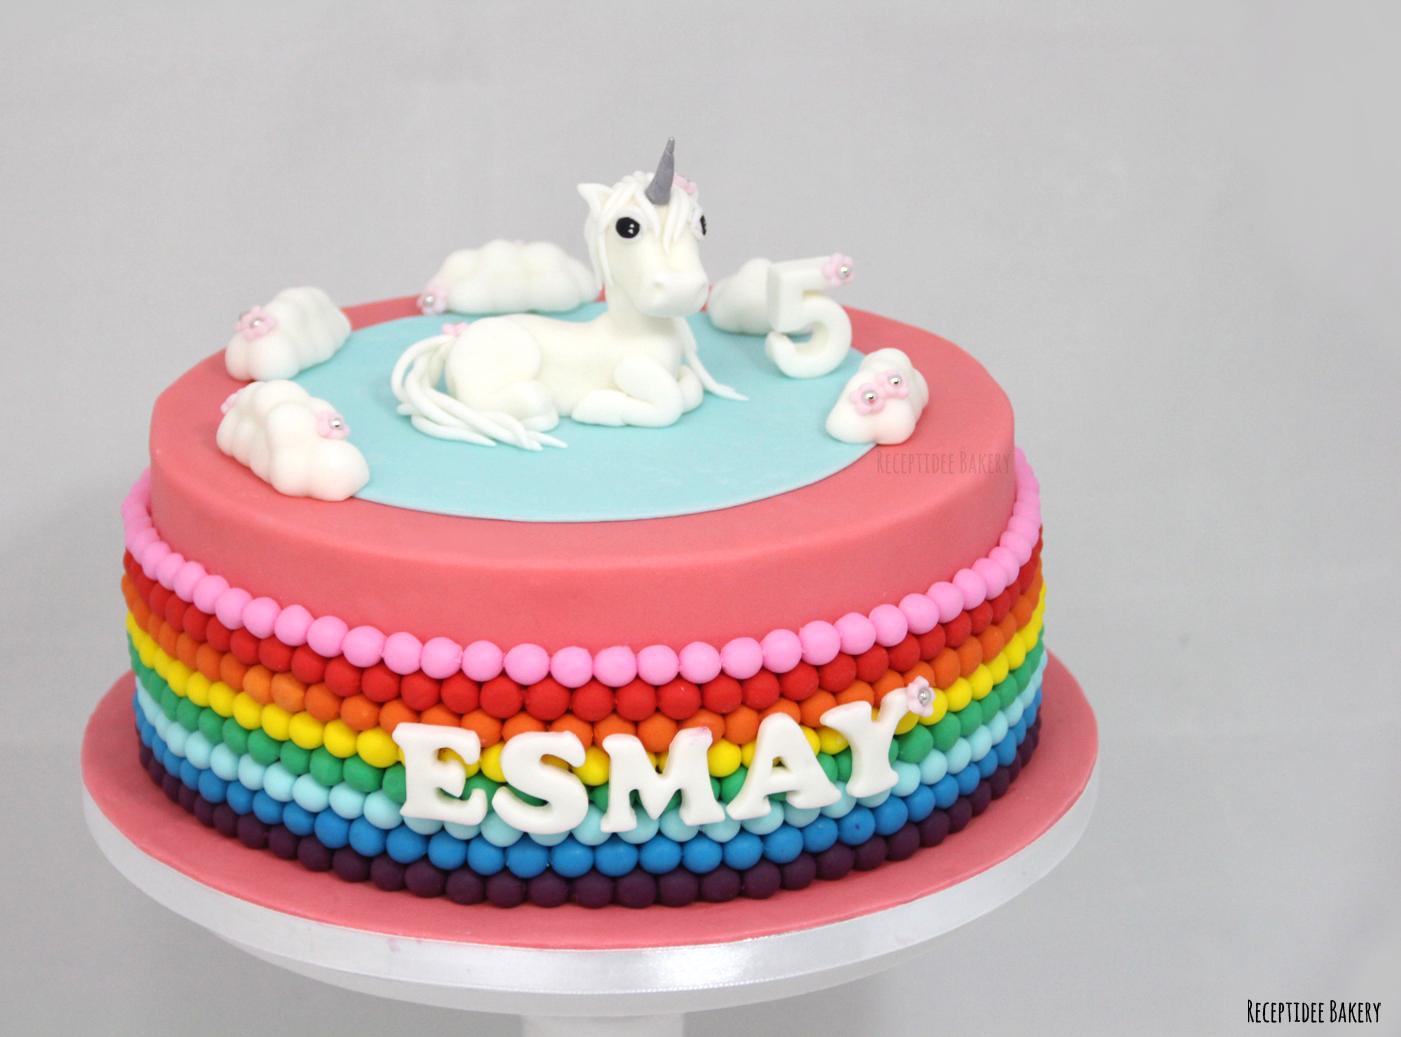 gefeliciteerd taart nl Eenhoorn regenboog taart Gefeliciteerd Esmay met je 5e verjaardag  gefeliciteerd taart nl